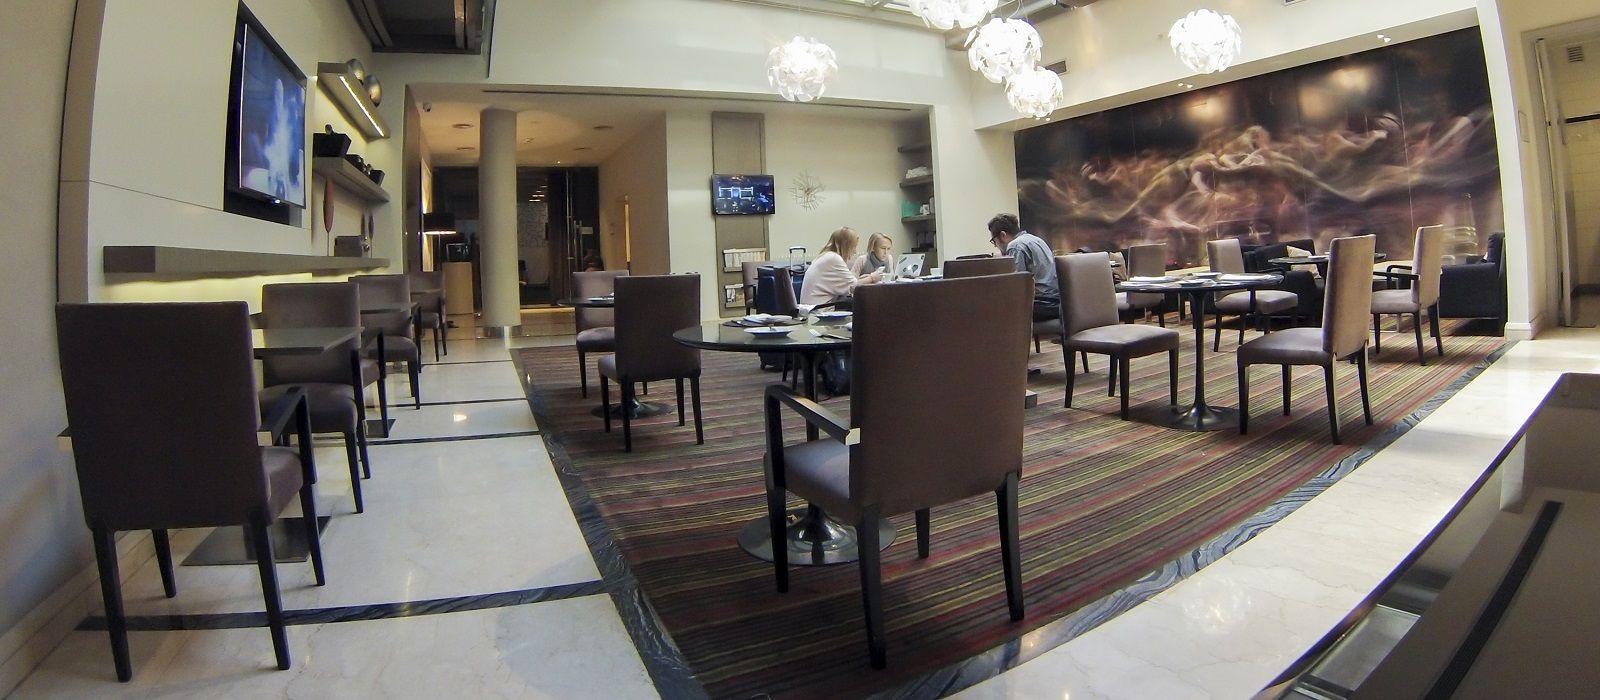 Hotel Recoleta Grand Argentinien